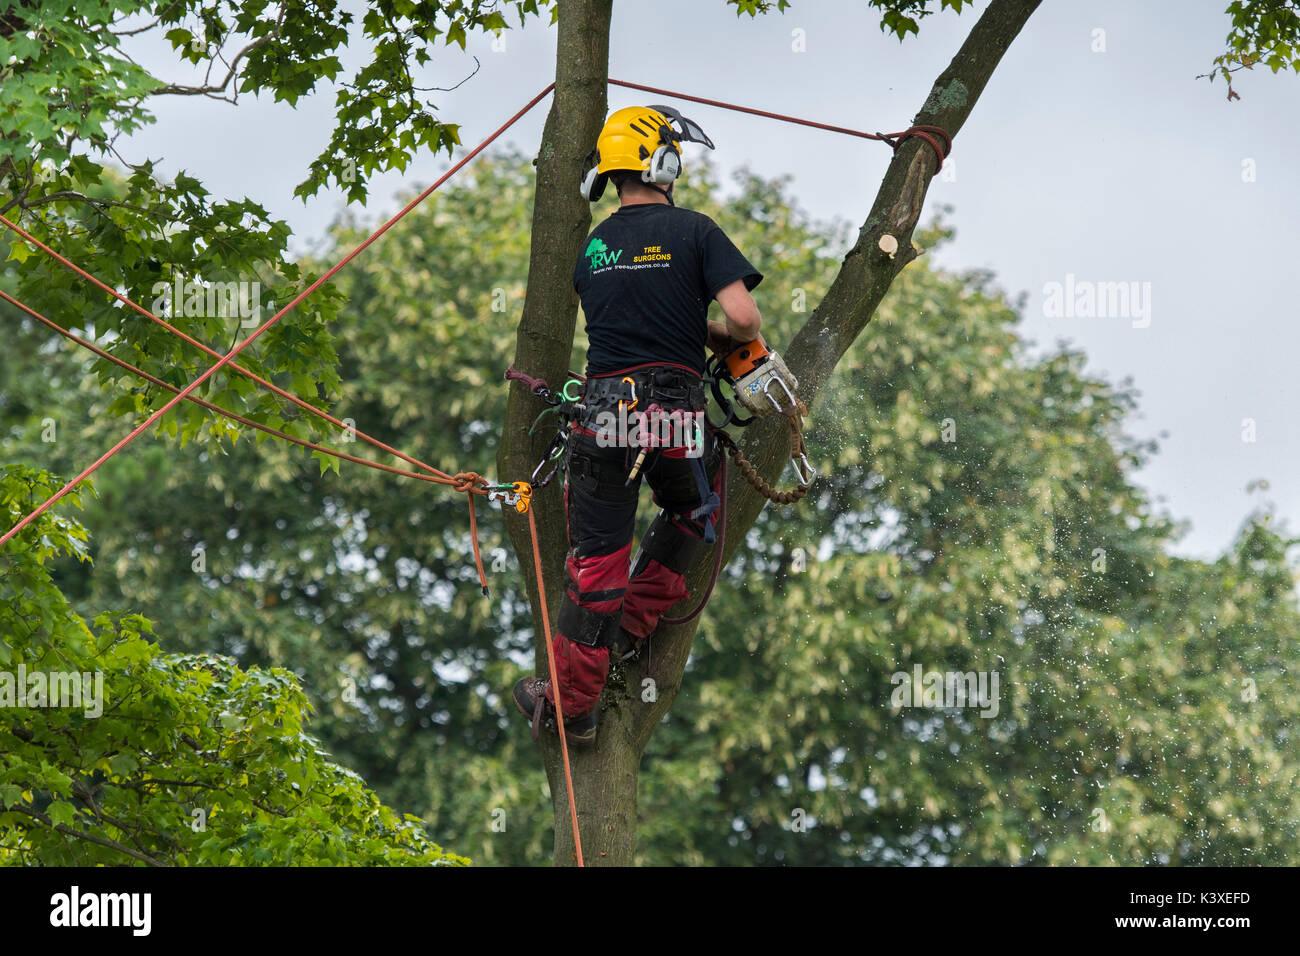 Tree Surgeon trabajan en equipos de protección, con cuerdas de escalada para seguridad & holding motosierra, alta en las ramas del árbol del jardín - Yorkshire, Inglaterra, Reino Unido. Foto de stock